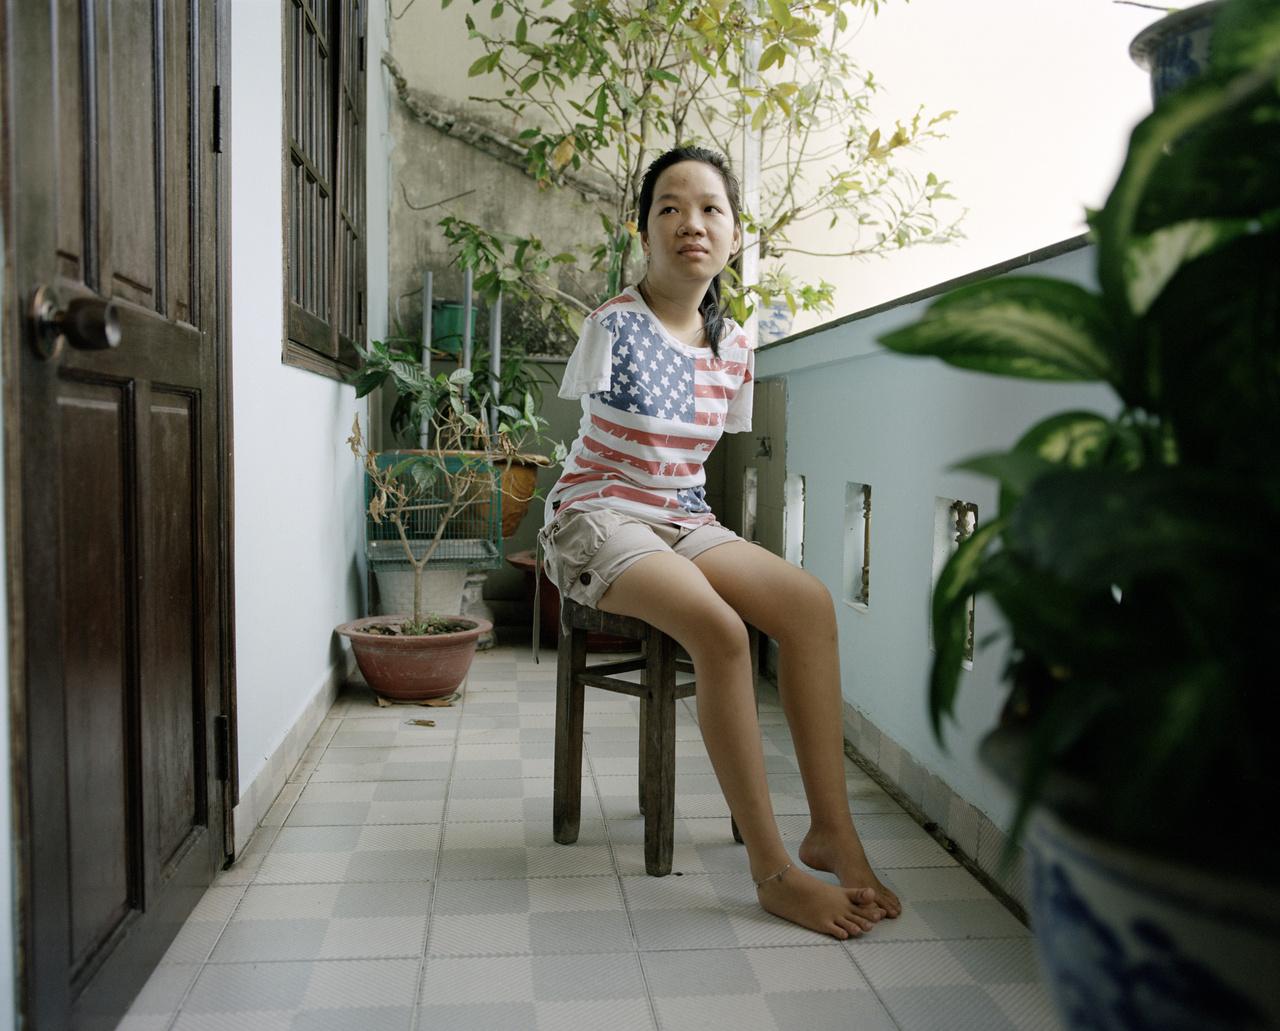 Thuy Lin 21 éves, ő az amerikai hadsereg által bevetett szert tartalmazó hordók színéről Agent Orange-nek nevezett méreg harmadik generációs áldozata: karok nélkül született. Befejezte a középiskolát, de továbbtanulása akadályokba ütközött, mert sokáig egyetlen egyetem sem akarta fogadni őt. Végül dizájnerként végzett, de egyelőre munkát keres Ho Si Minben.